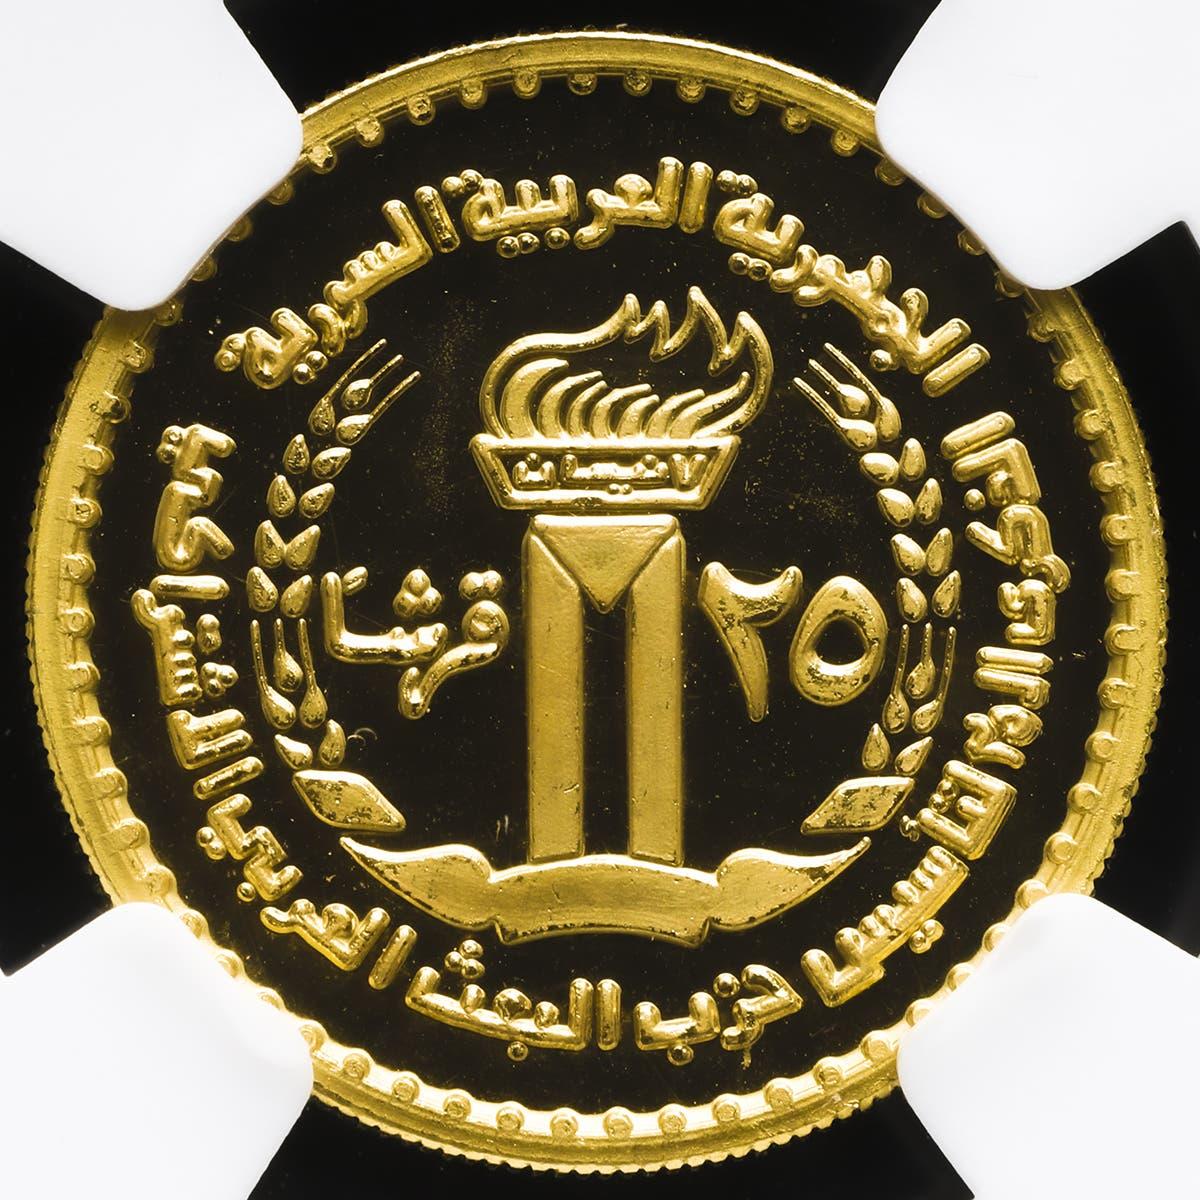 ربع ليرة ذهبية من عام 1972 بتصميم مختلف